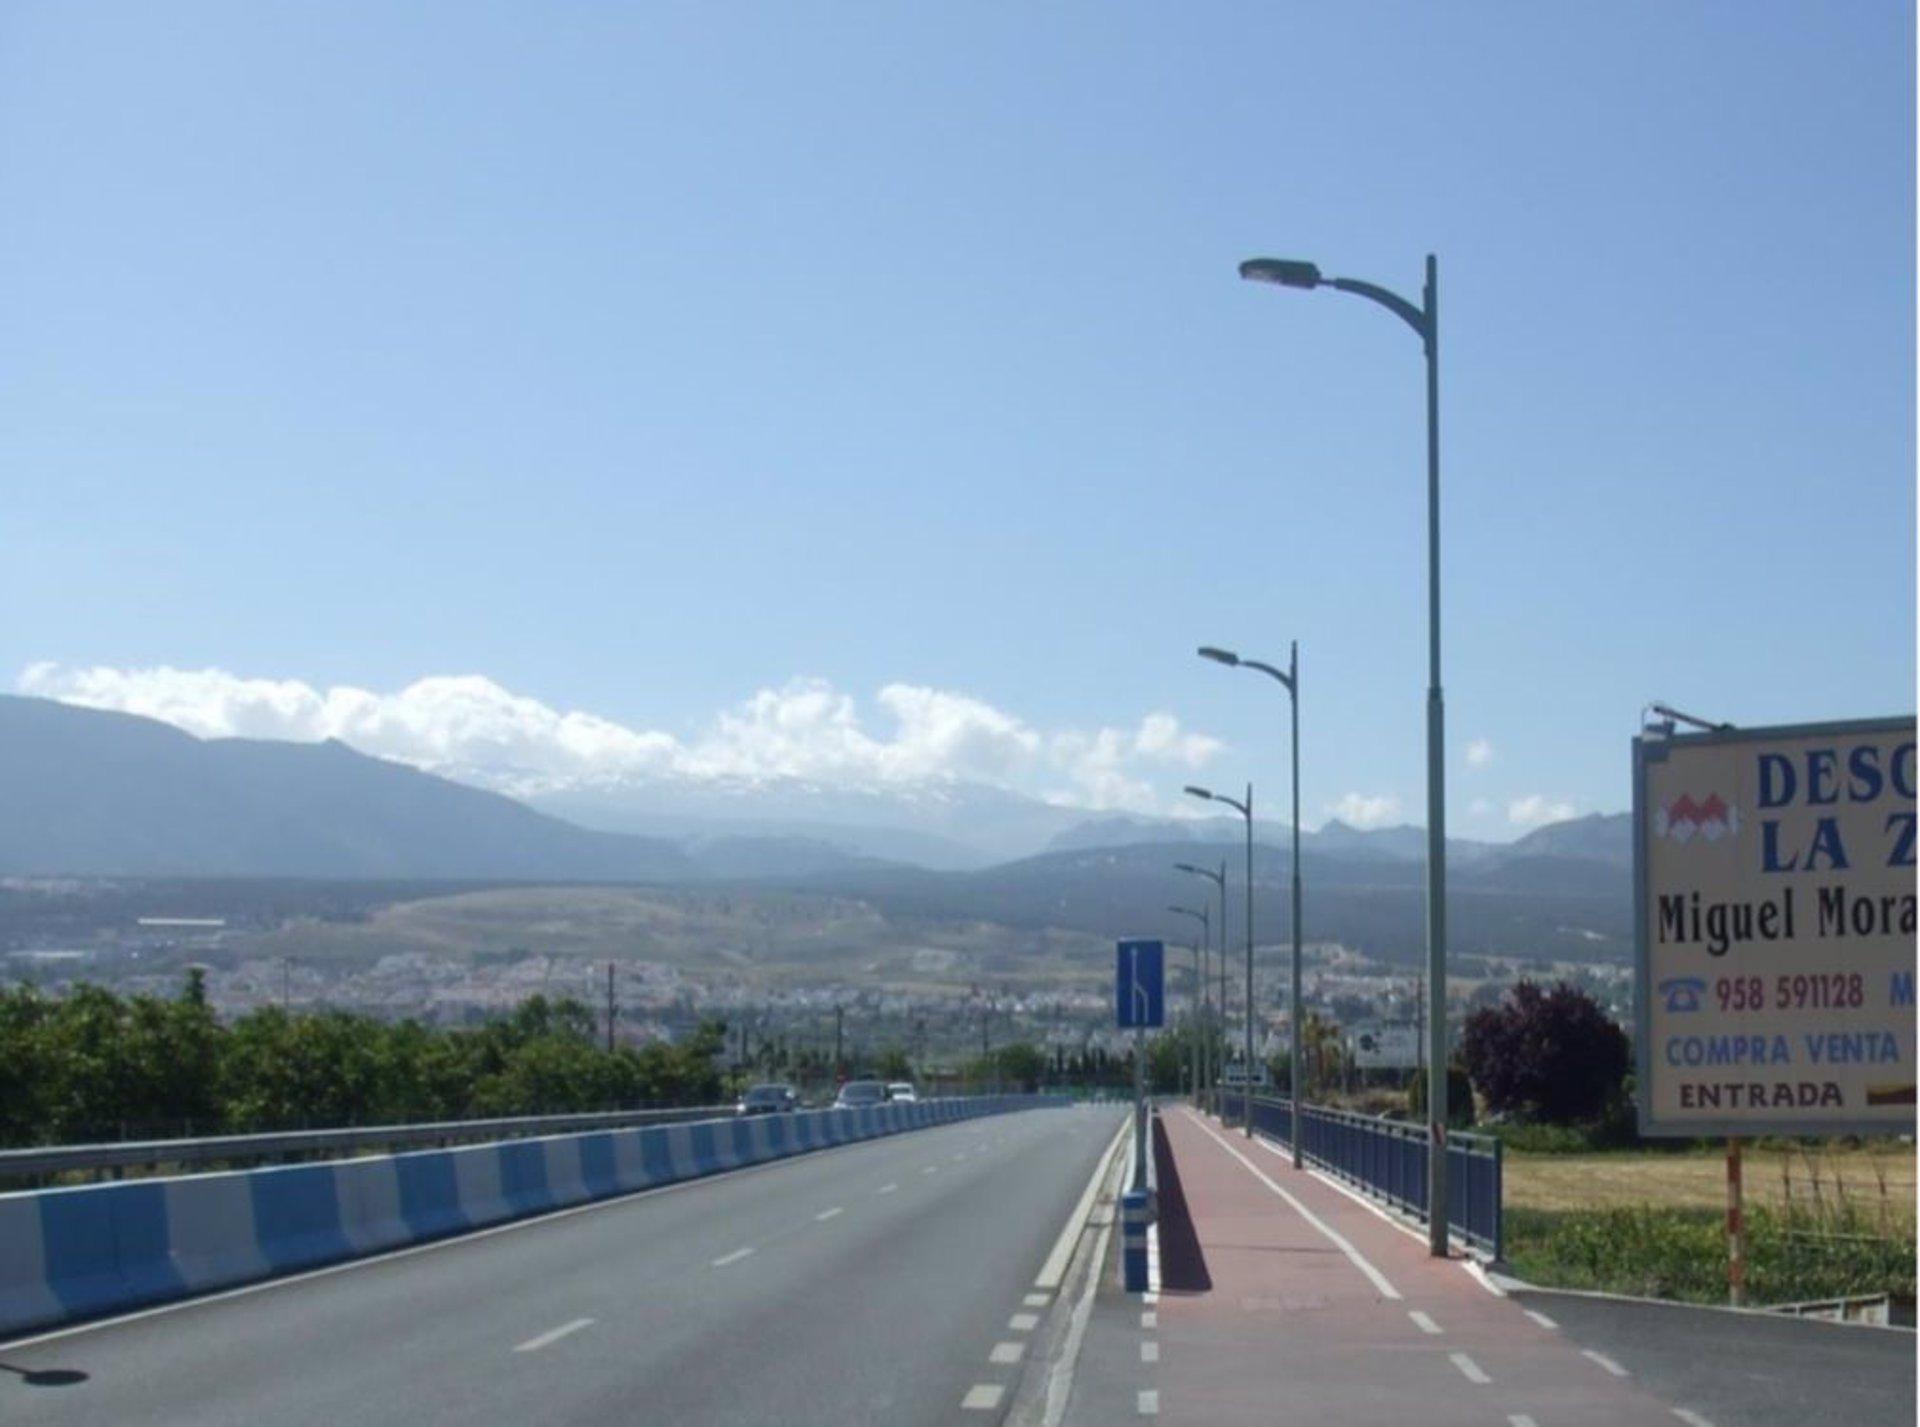 La Diputación destaca que el carril bici quedará «libre» de farolas cuando terminen las obras de La Zubia